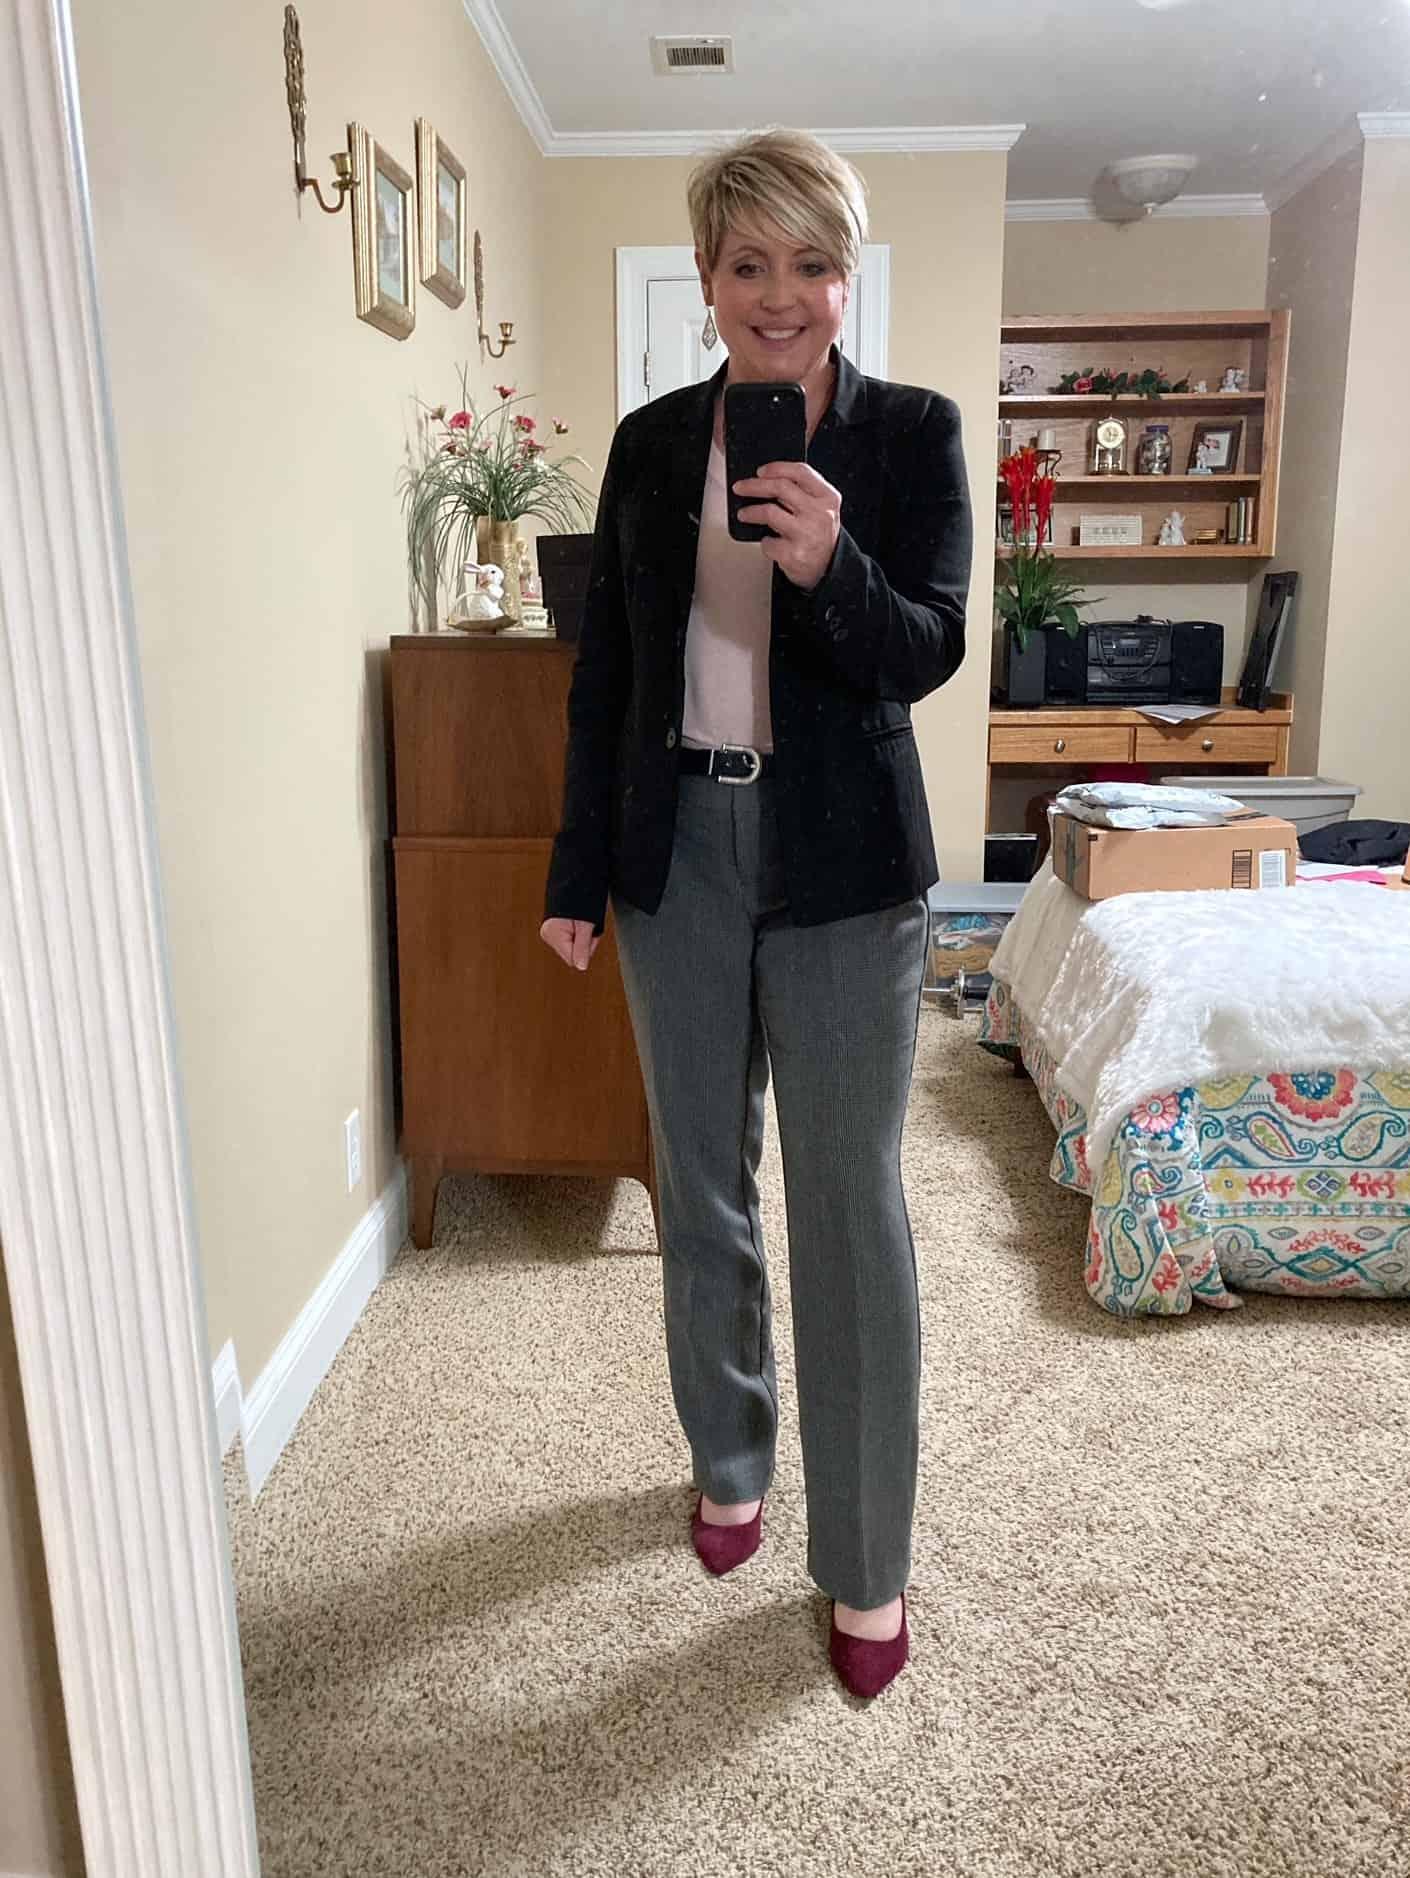 women's office wear with black blazer